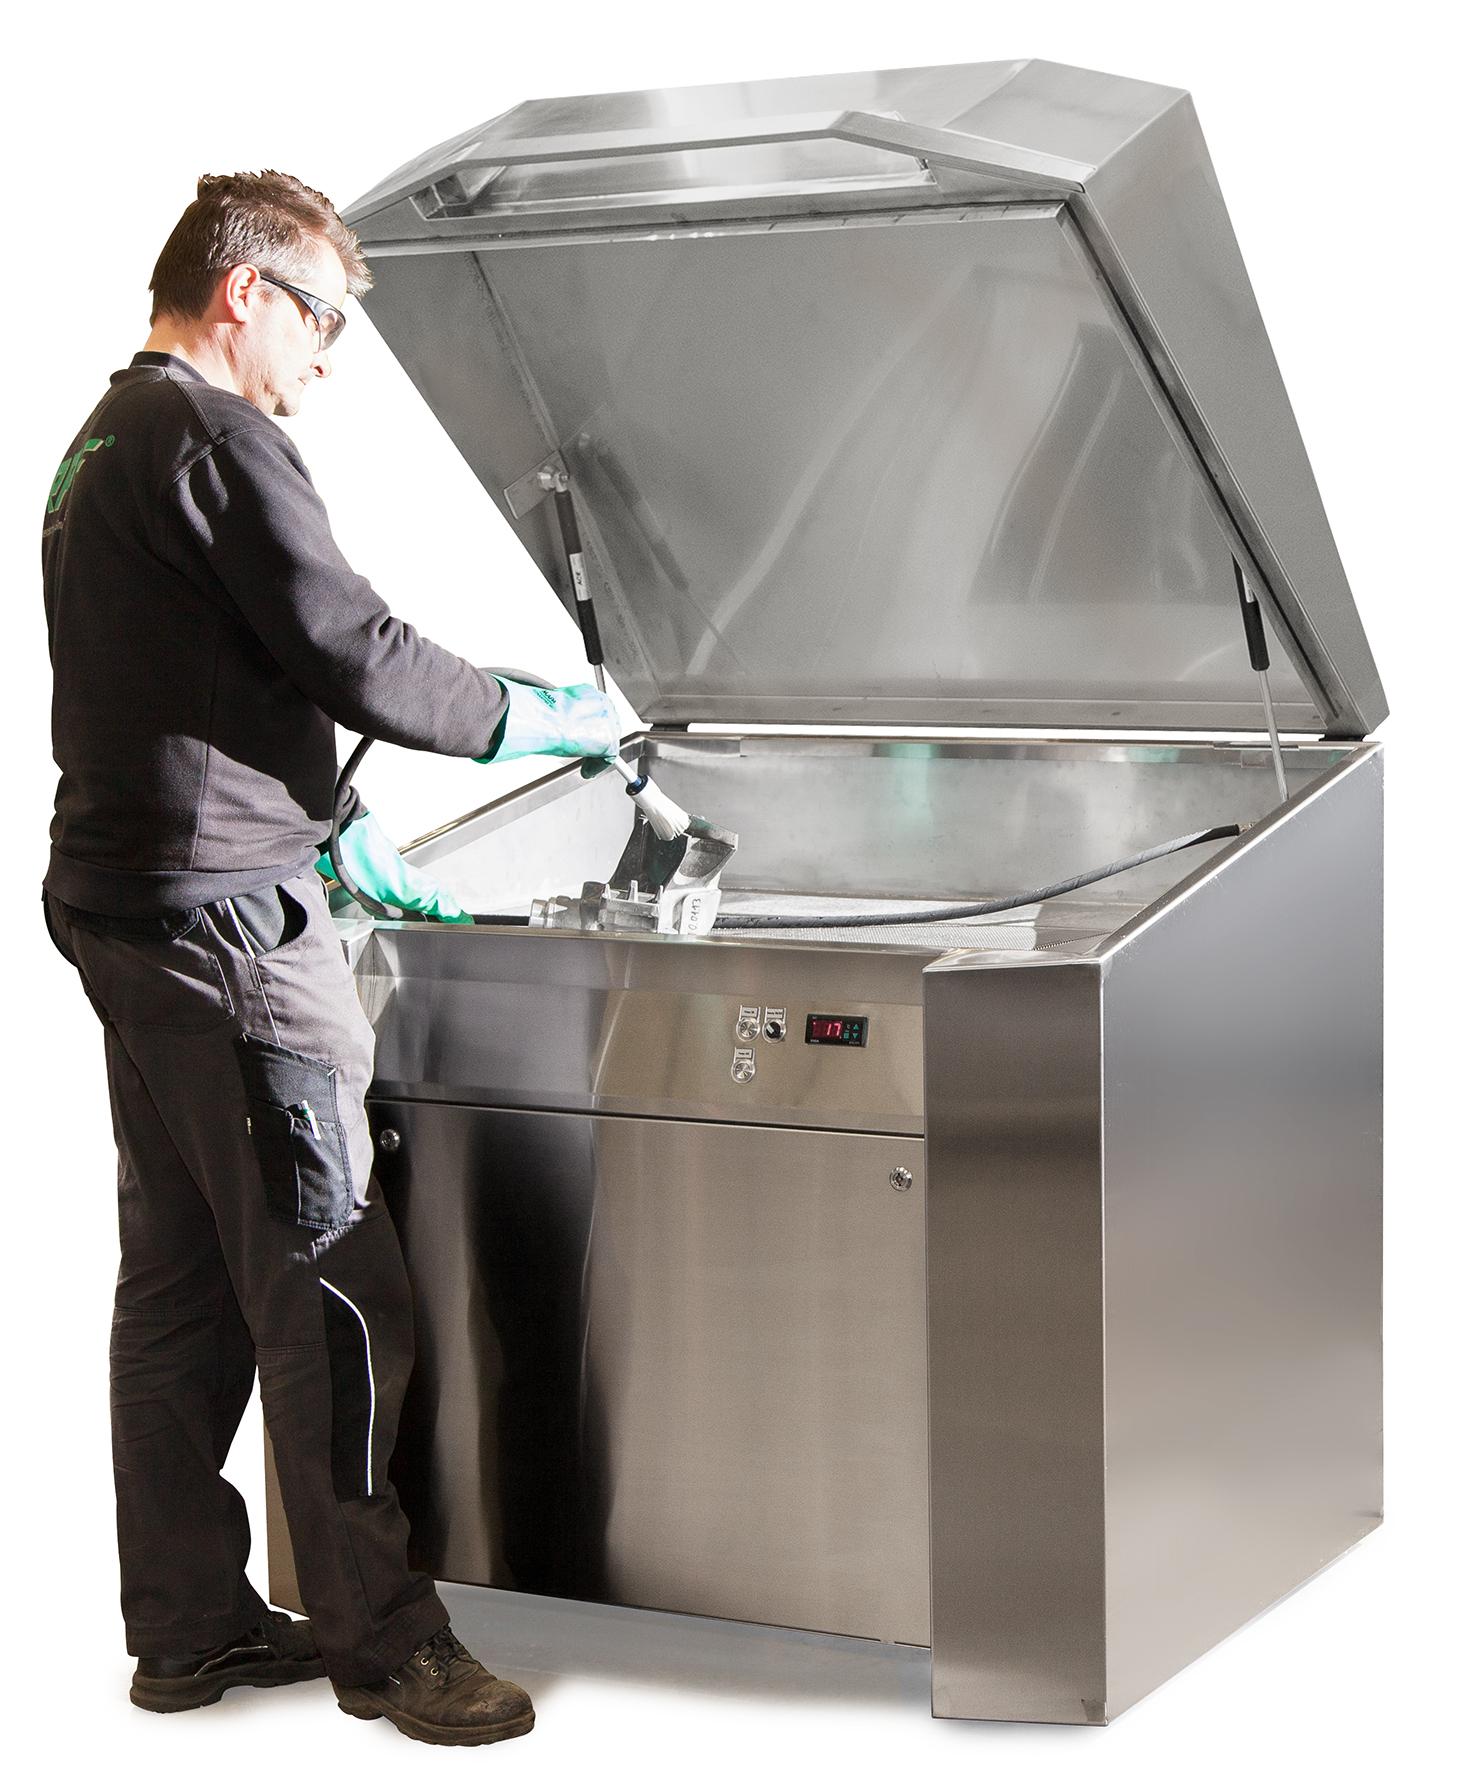 I nuovi sistemi di pulizia lavapezzi versatili e modulari - DENIOS Italia